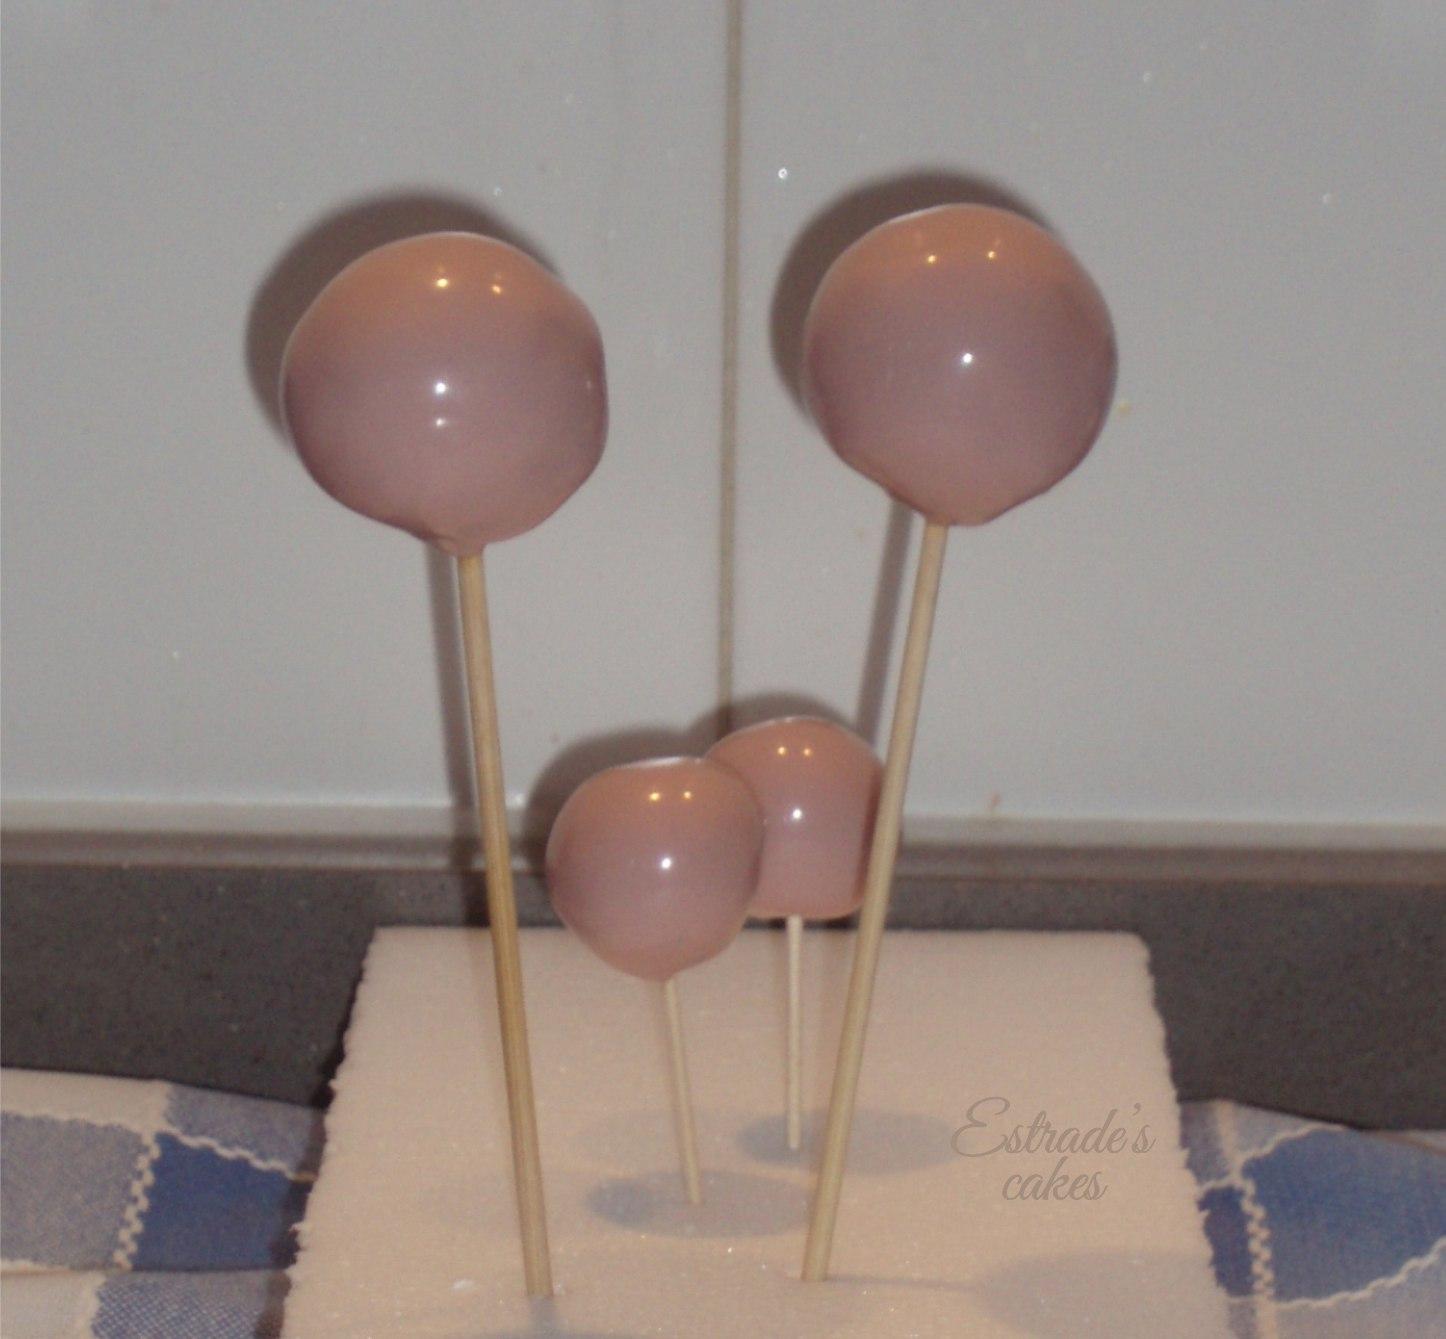 como hacer cake pops - cubriendo 3